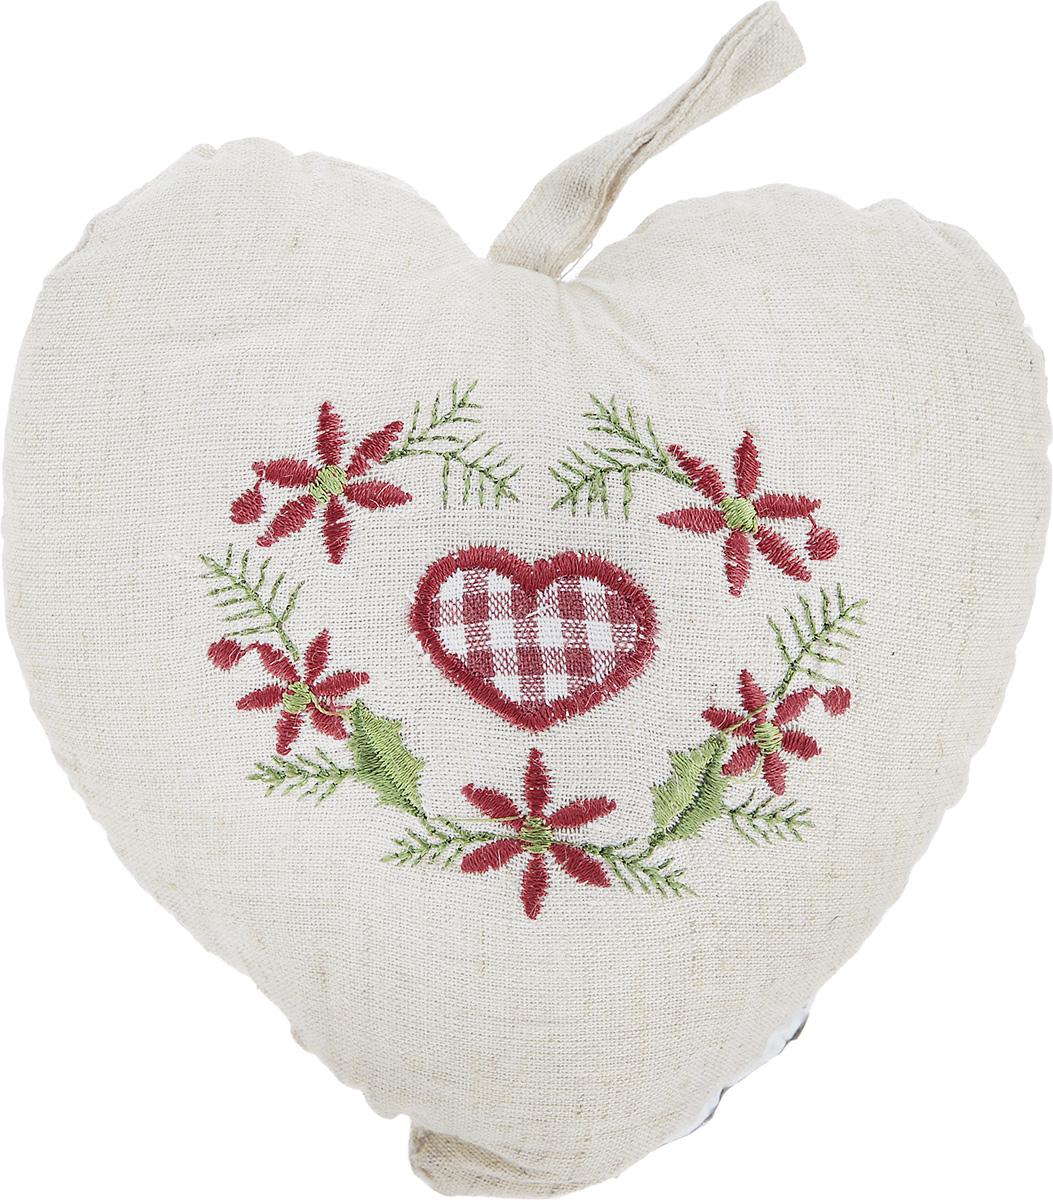 Подушка декоративная Schaefer Сердце, 15 х 15 см16057Подушка Schaefer Сердце станет отличным украшением интерьера. Изделие выполнено в форме сердца из хлопка с добавлением льна и оснащено петелькой для подвешивания. Лицевая сторона подушки декорирована вышивкой в виде клетчатого сердечка и цветочного орнамента. Внутри - мягкий наполнитель. Подушка Schaefer Сердце - это не только стильный предмет декора, но и хороший подарок вашим друзьям и близким, который подарит только положительные эмоции.